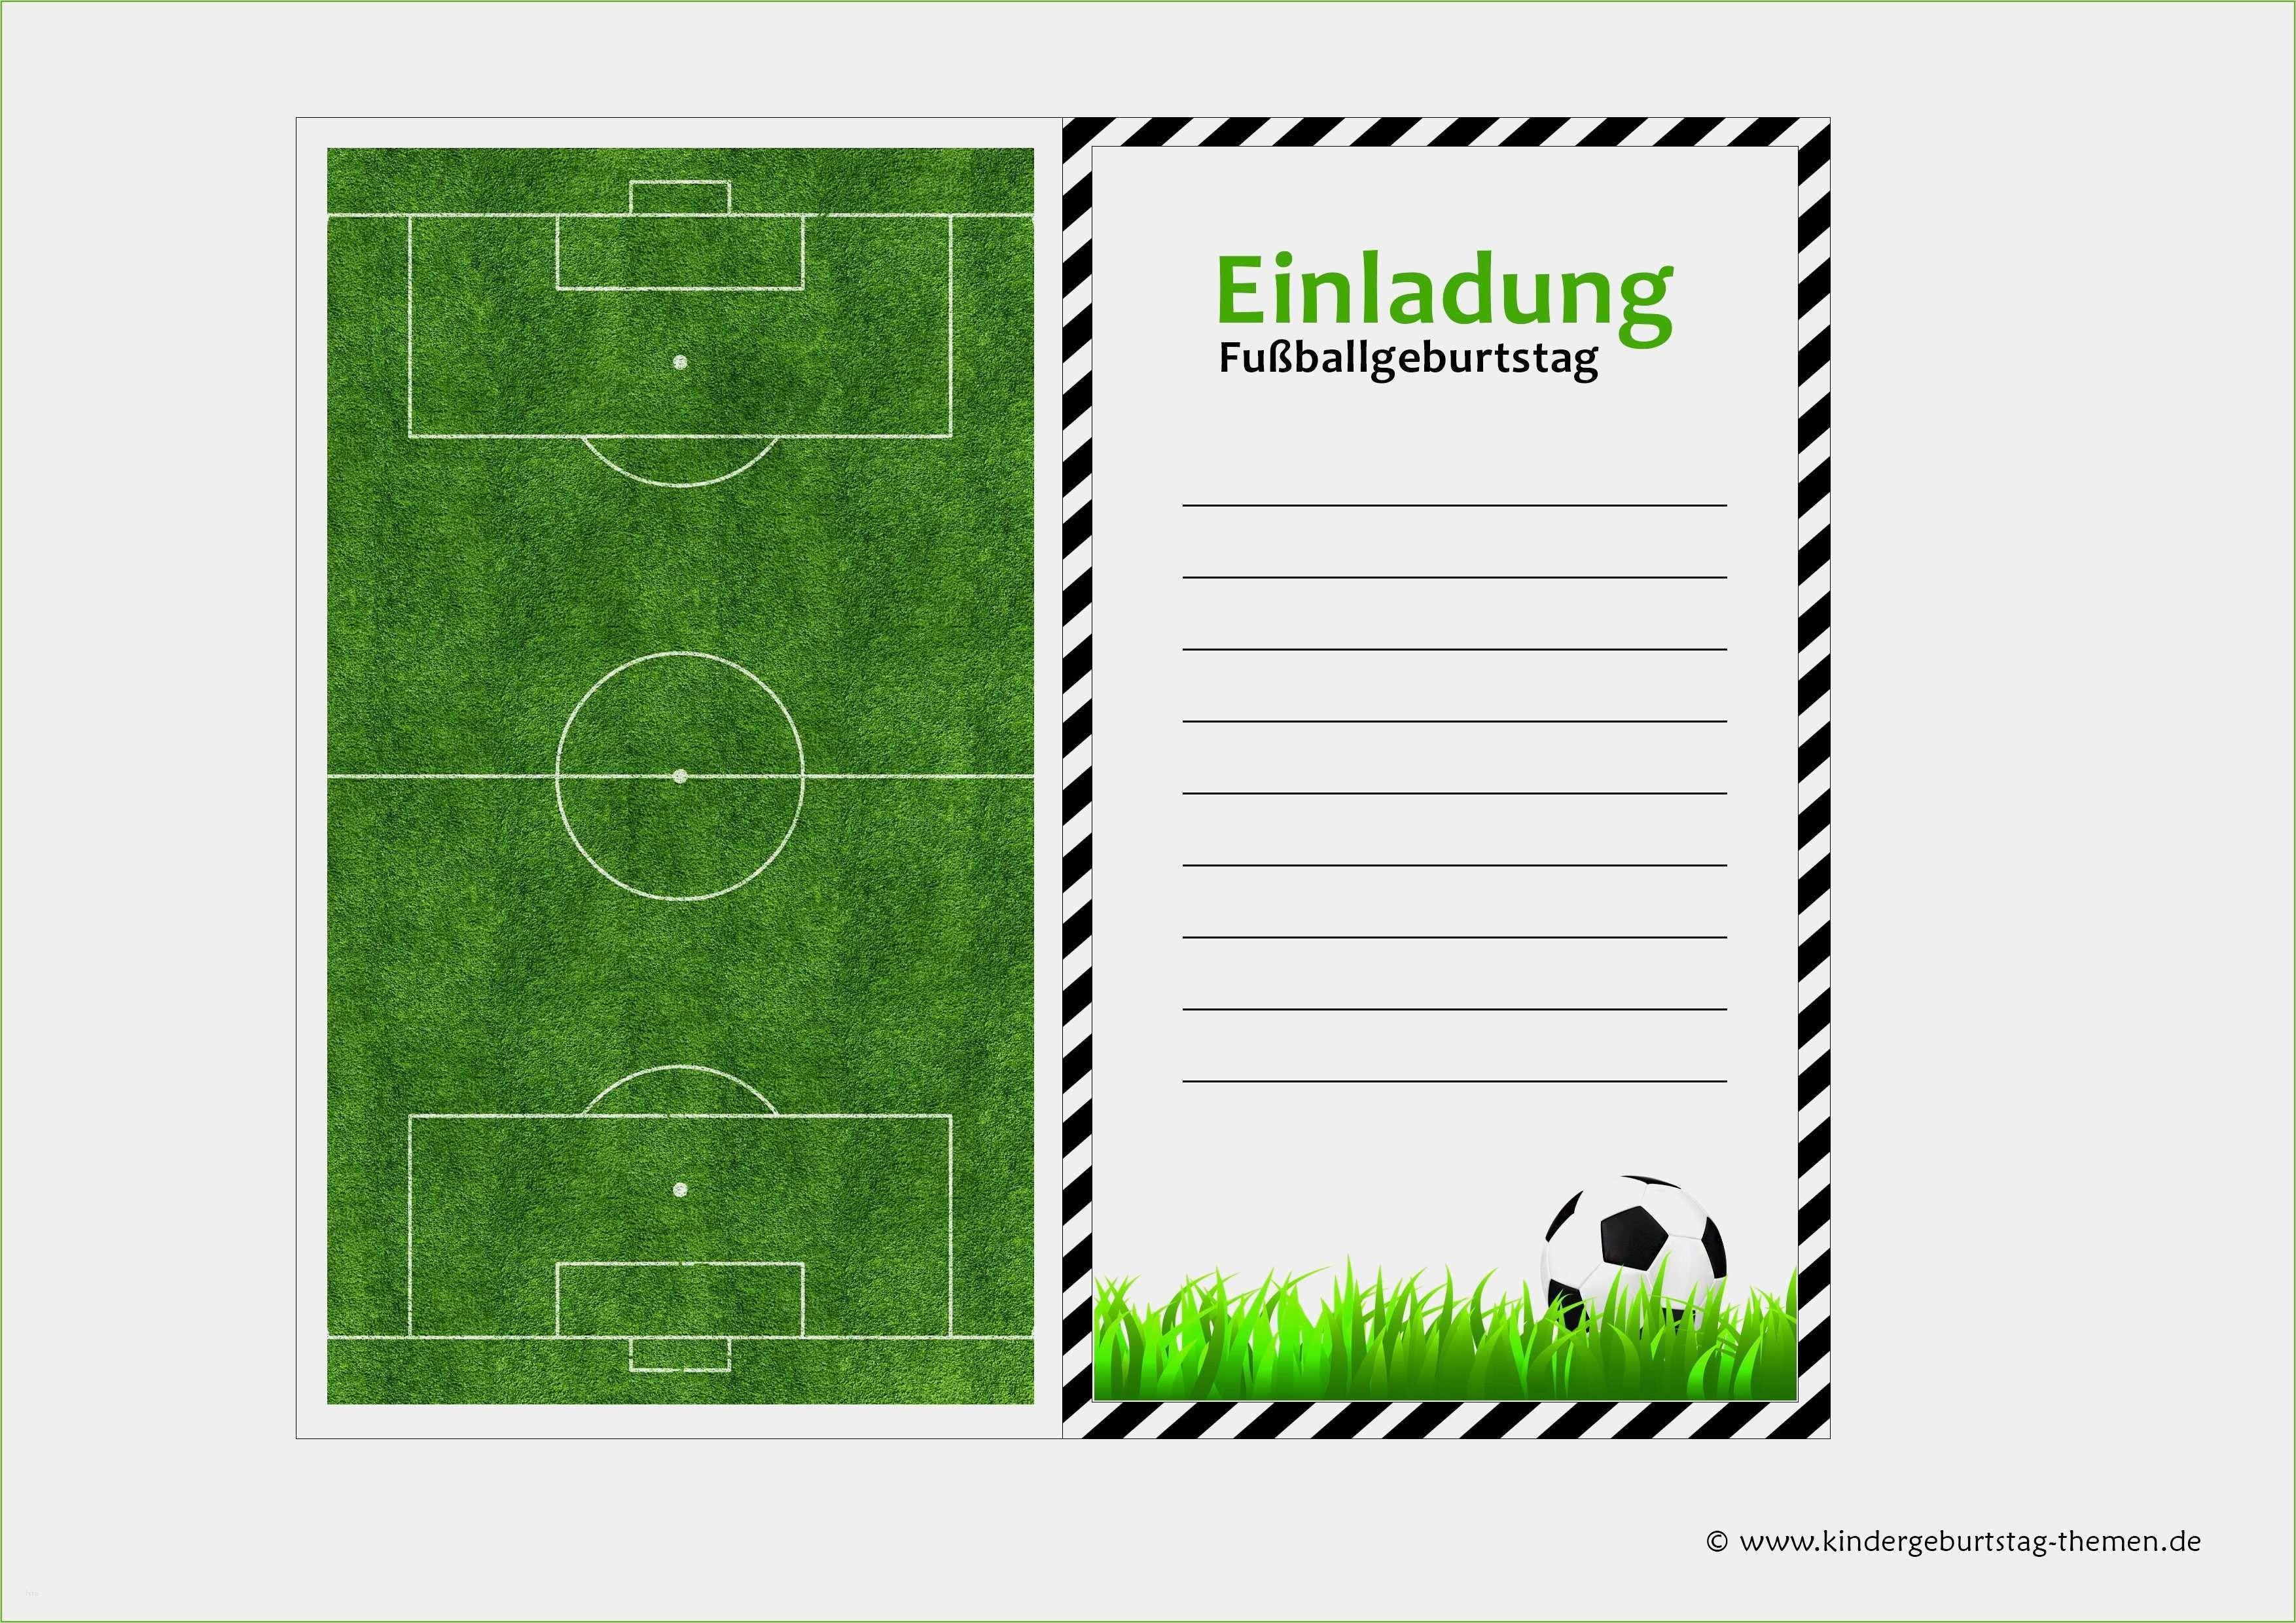 Cool Fussball Gutschein Vorlage Zum Ausdrucken Bild In 2020 Geburtstagseinladungen Zum Ausdrucken Einladungskarten Kindergeburtstag Vorlage Einladung Kindergeburtstag